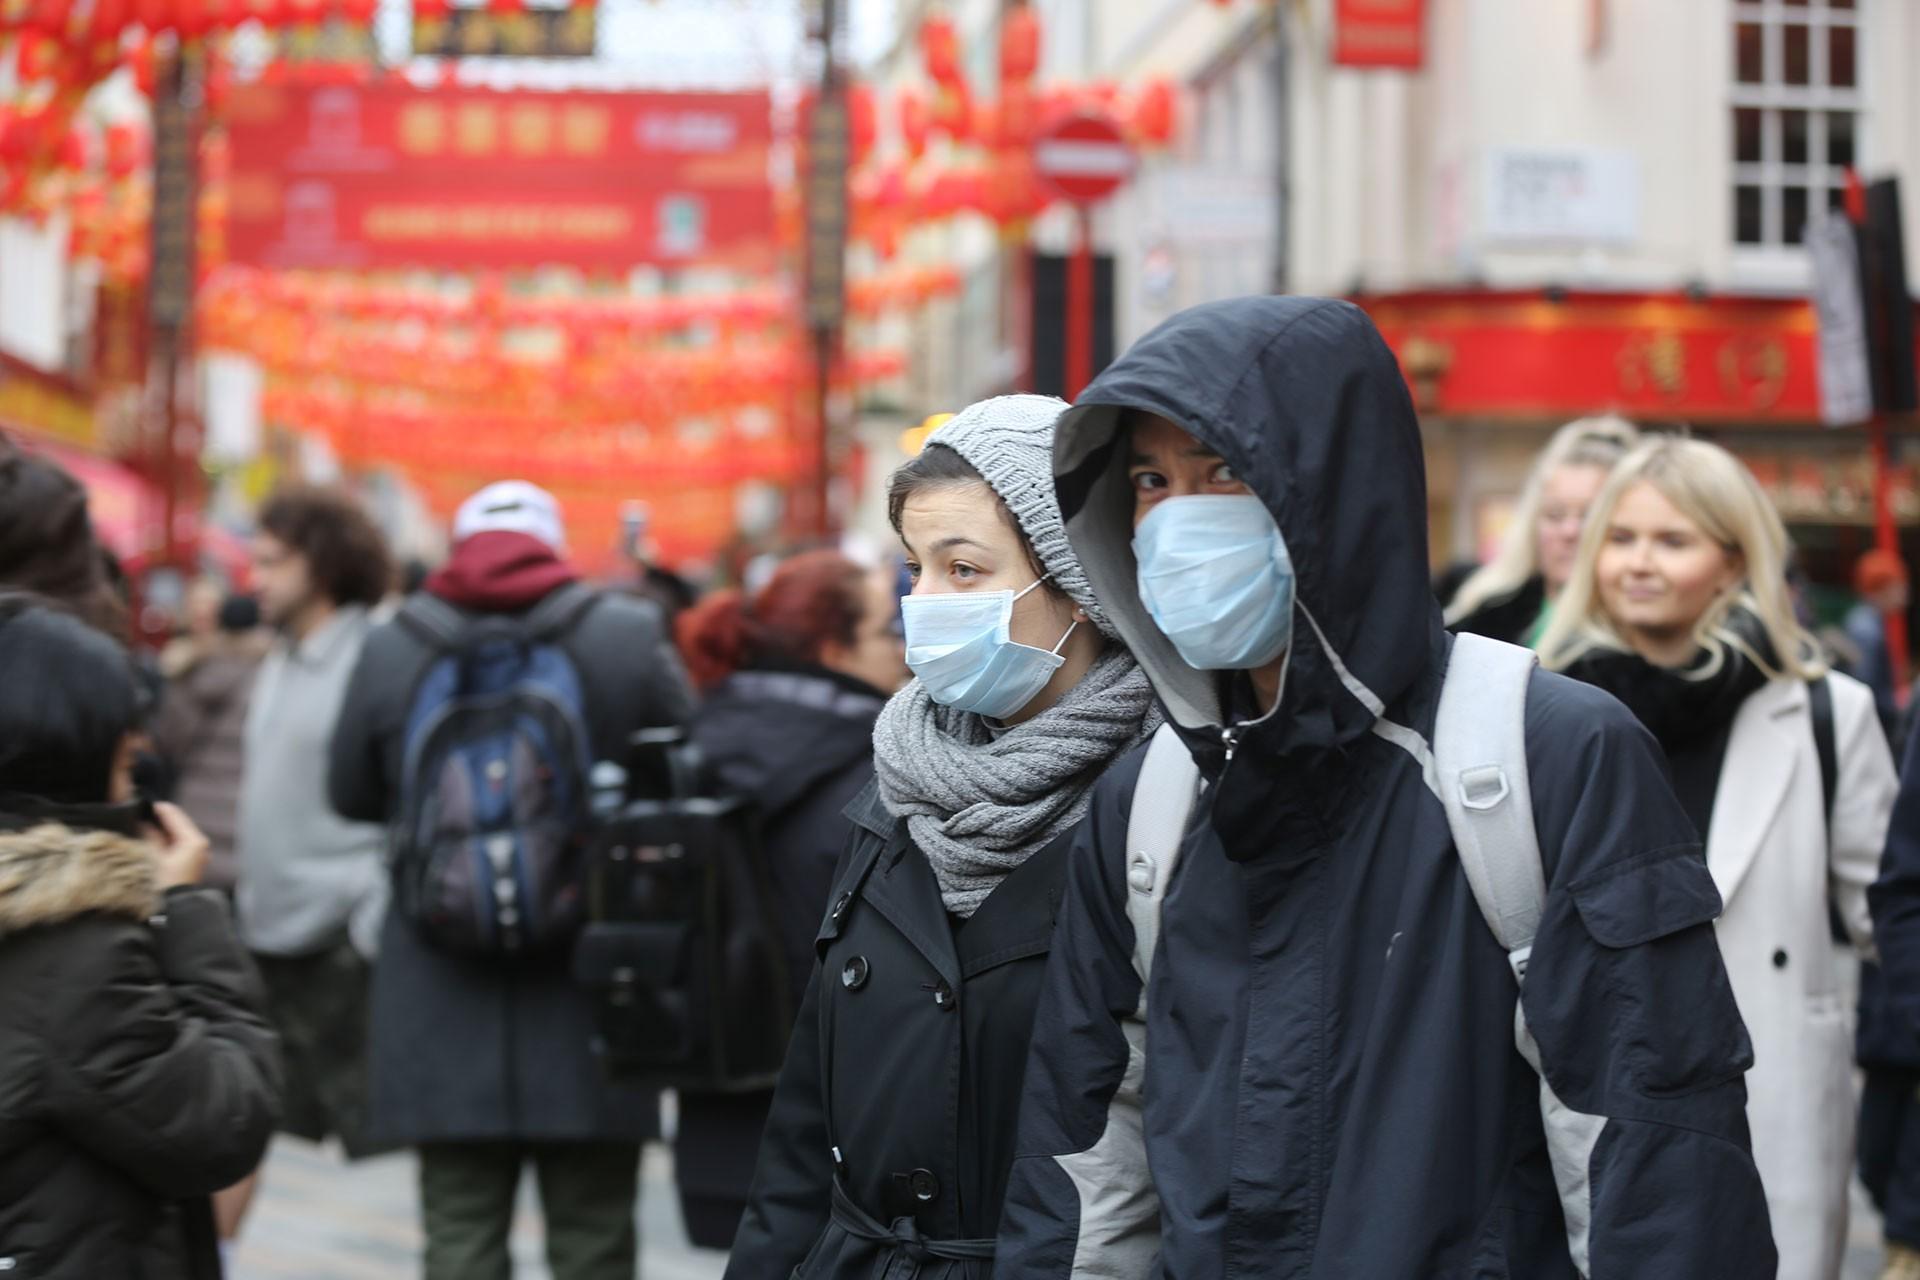 Koronavirüs salgını nedeniyle maske ile sokağa çıkan iki kişi